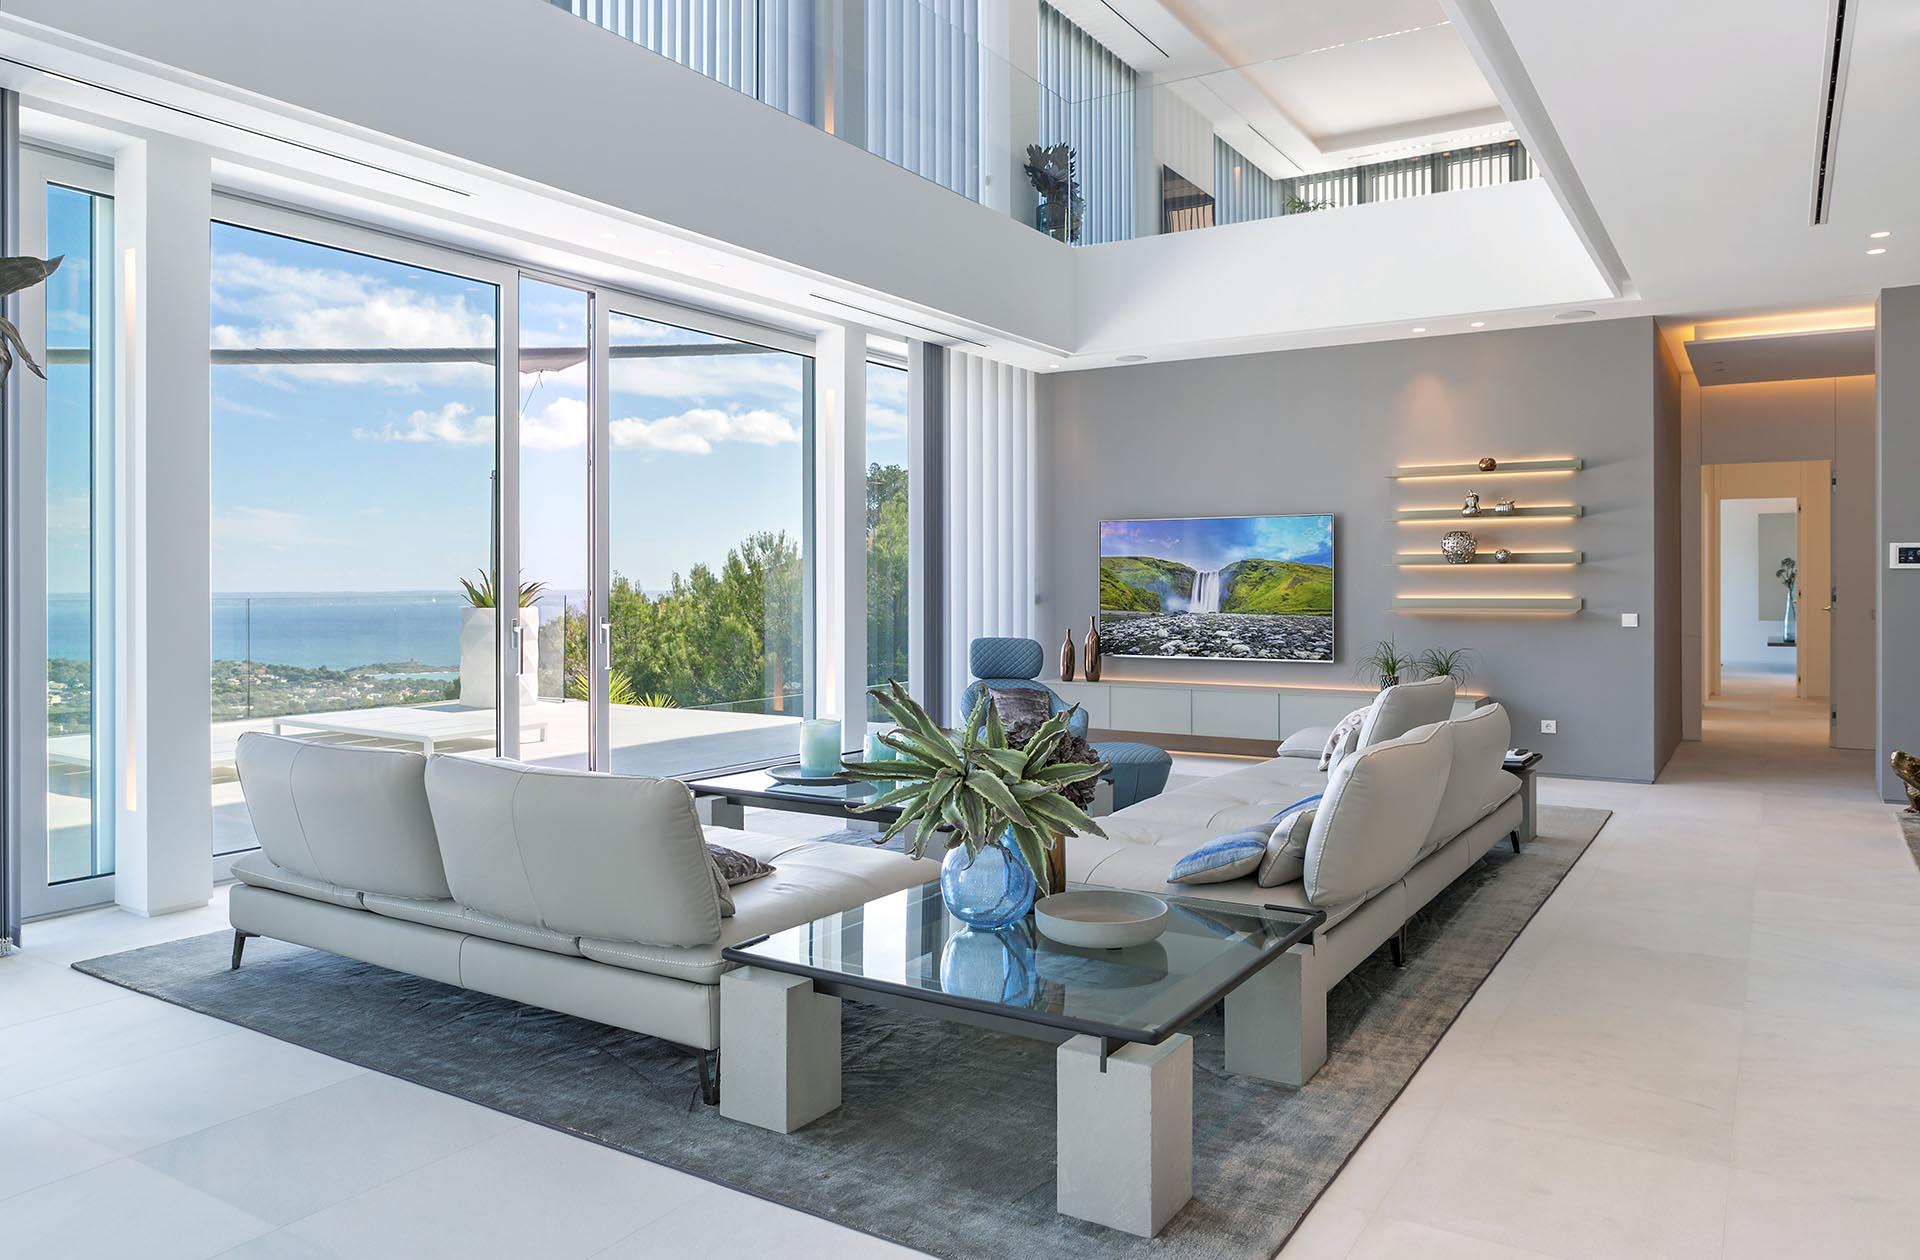 Hermosa villa en Costa d'en Blanes - Techos altos